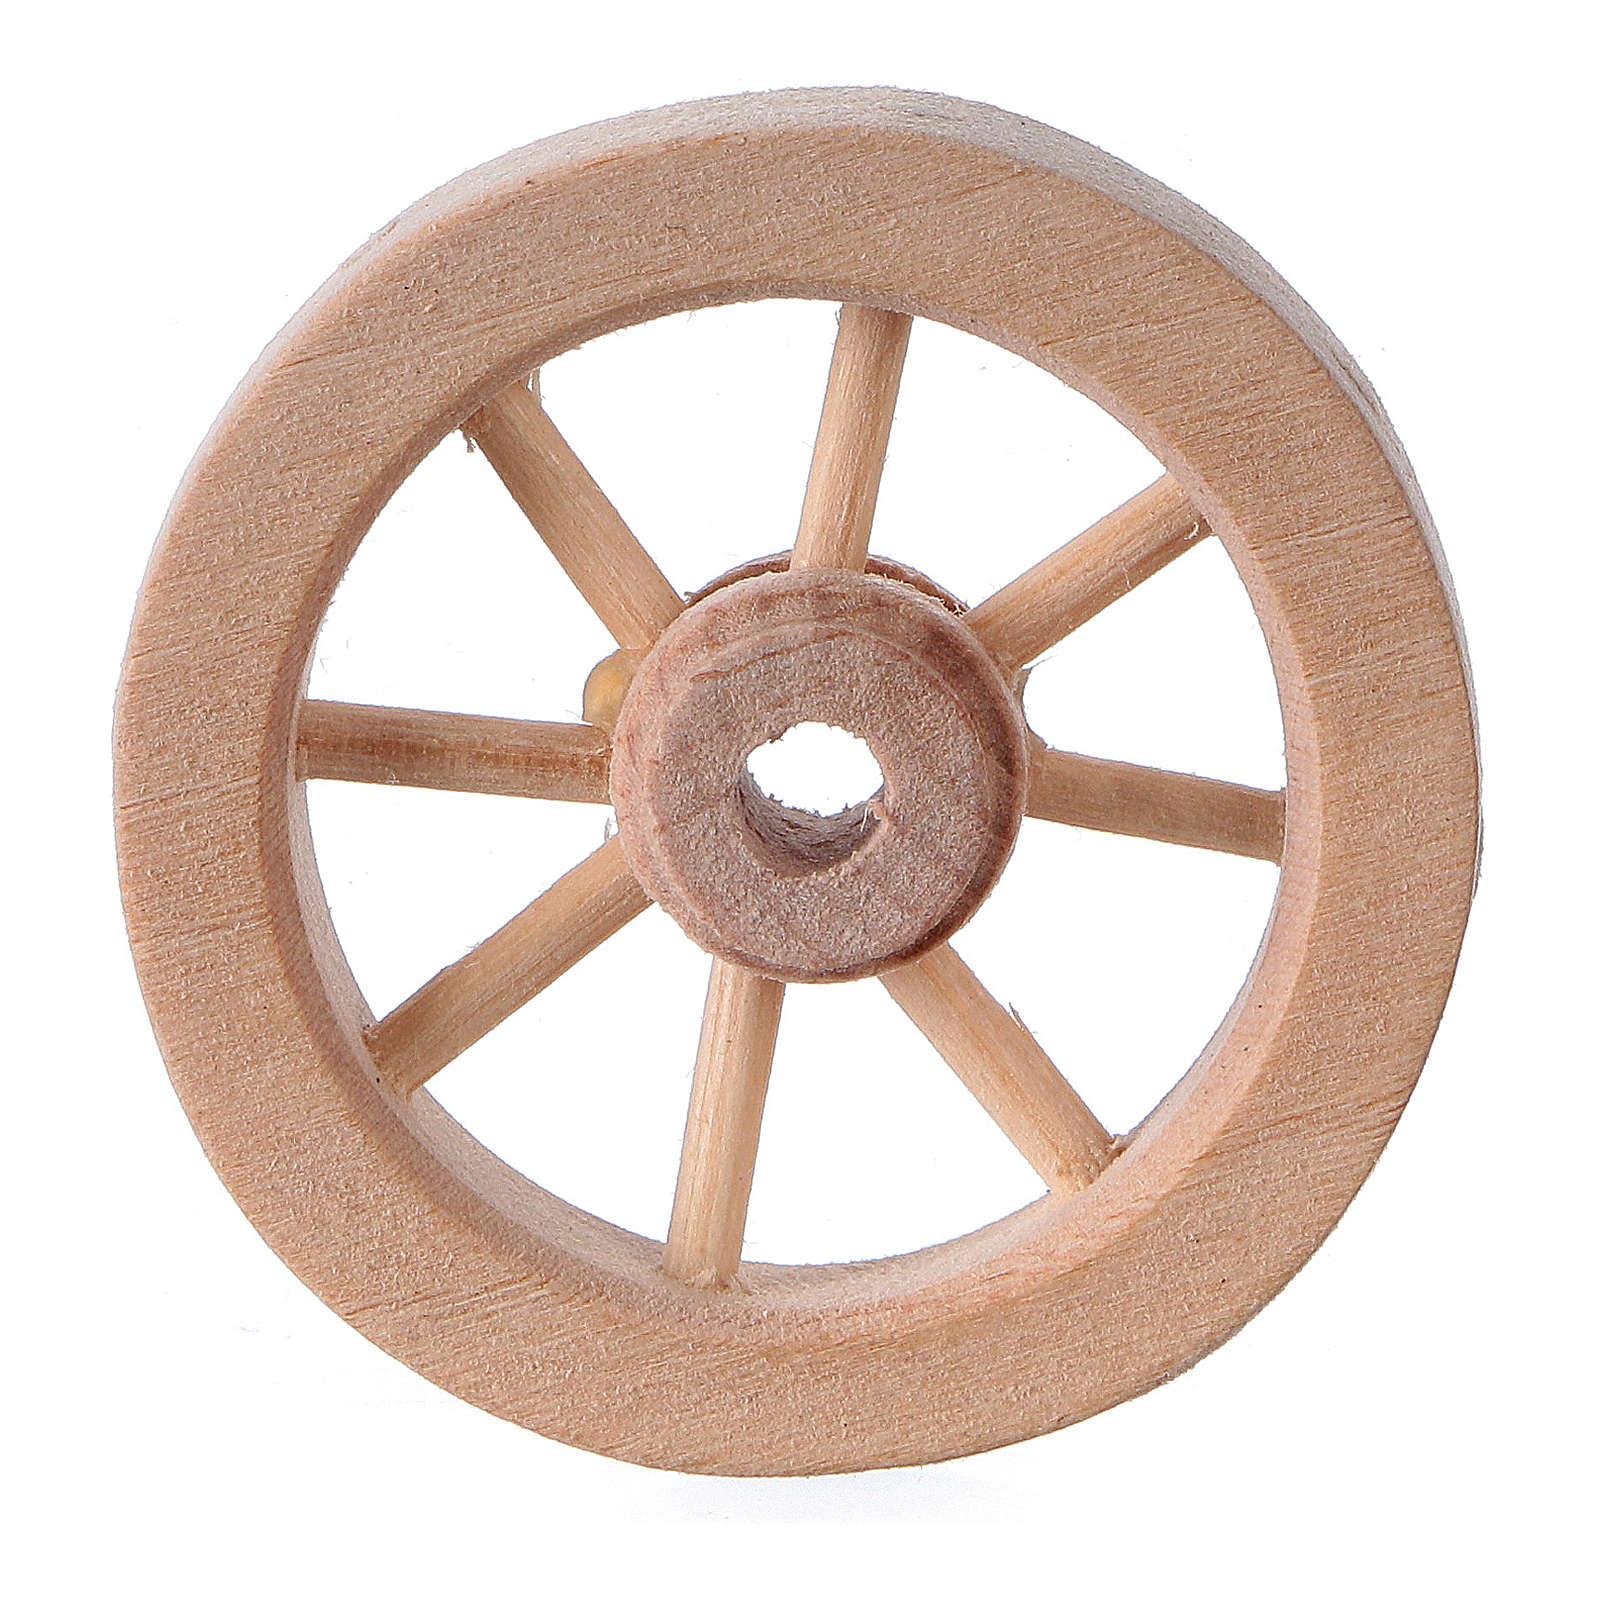 Rueda carro belén madera clara diám. 3,5 cm 4